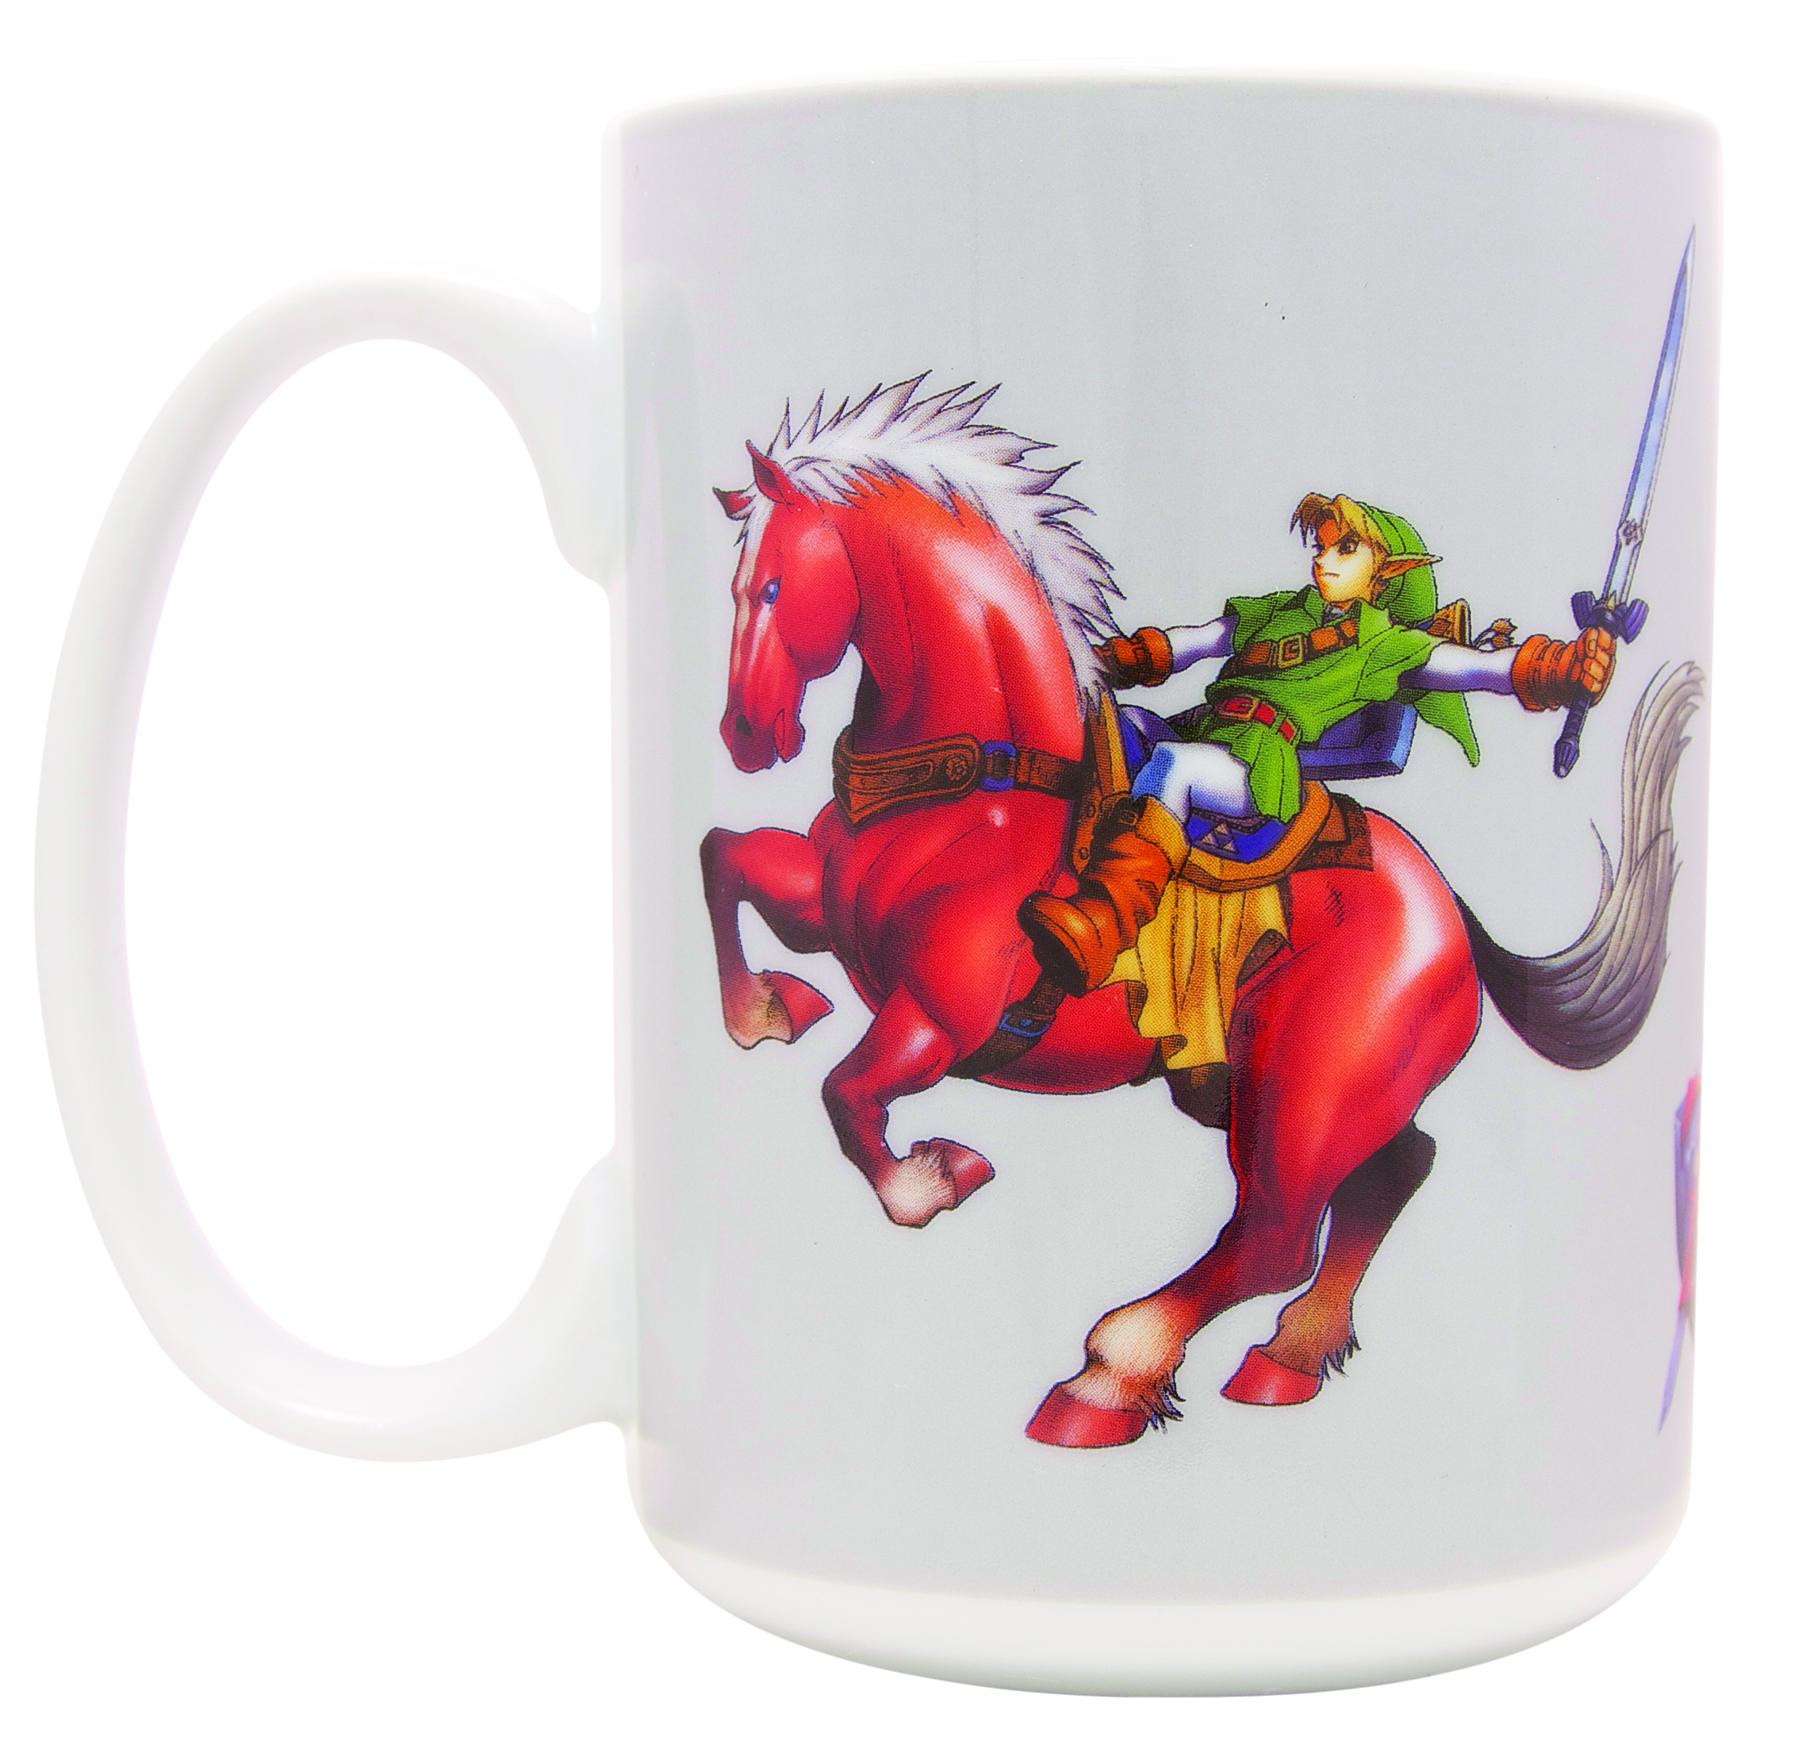 Legend of Zelda: Ocarina of Time: Link on Epona Mug